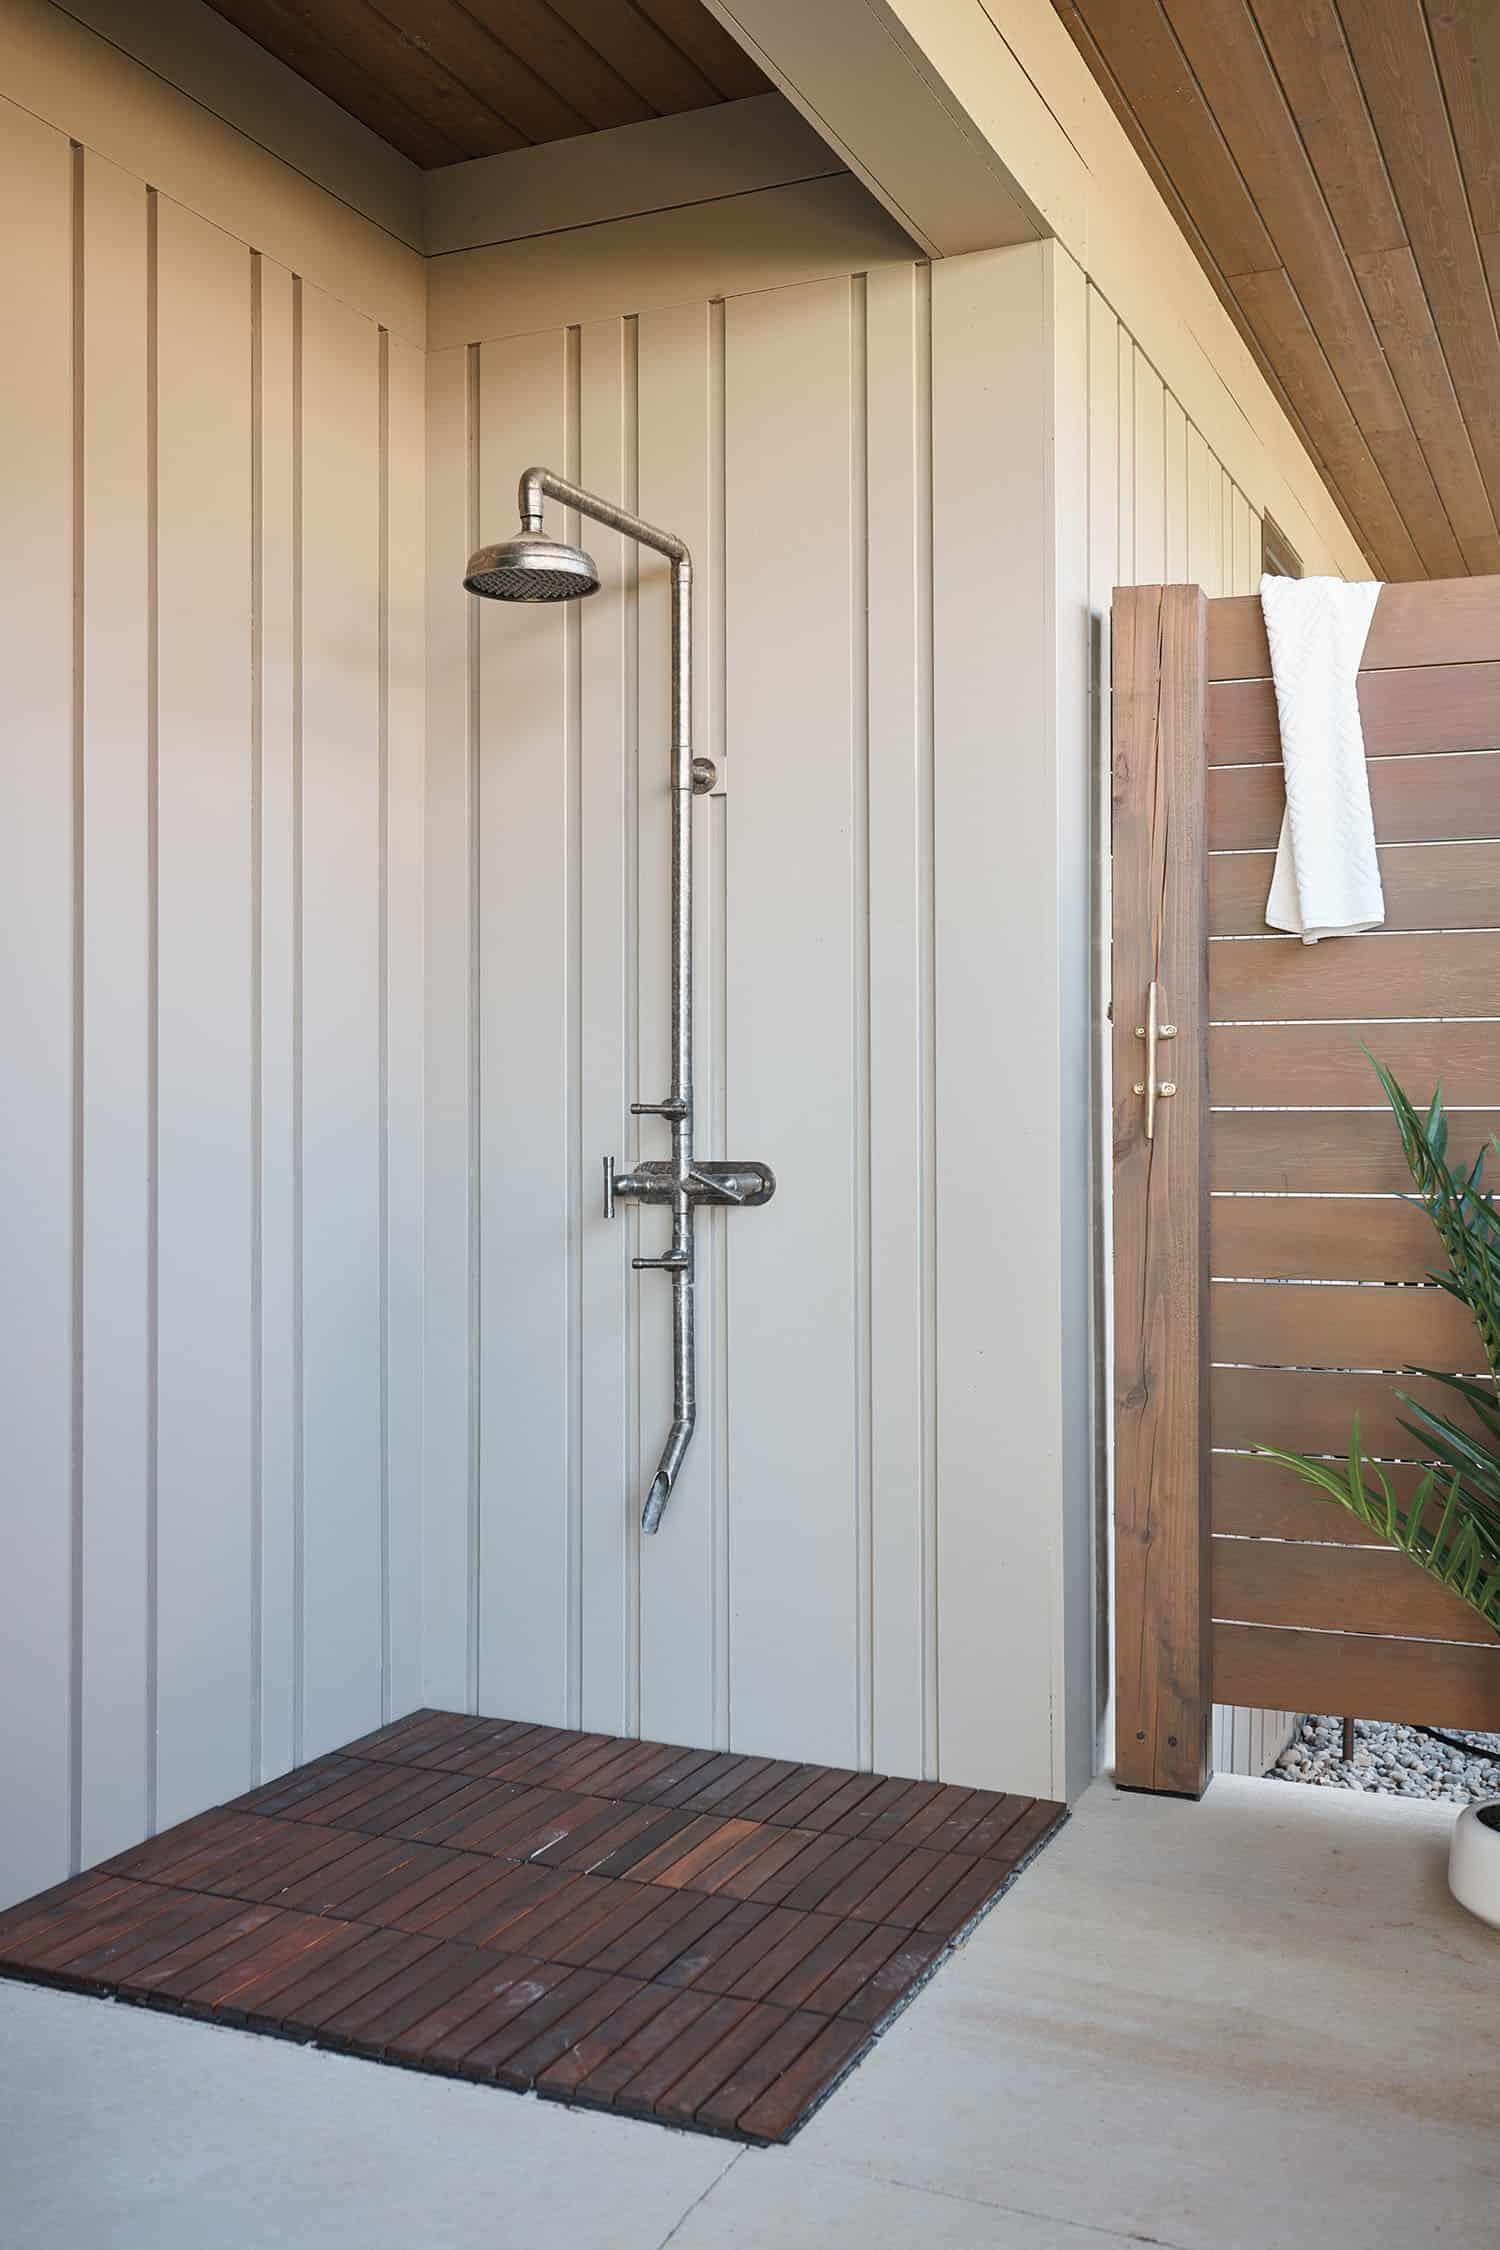 douche-exterieure-moderne-maison-lac